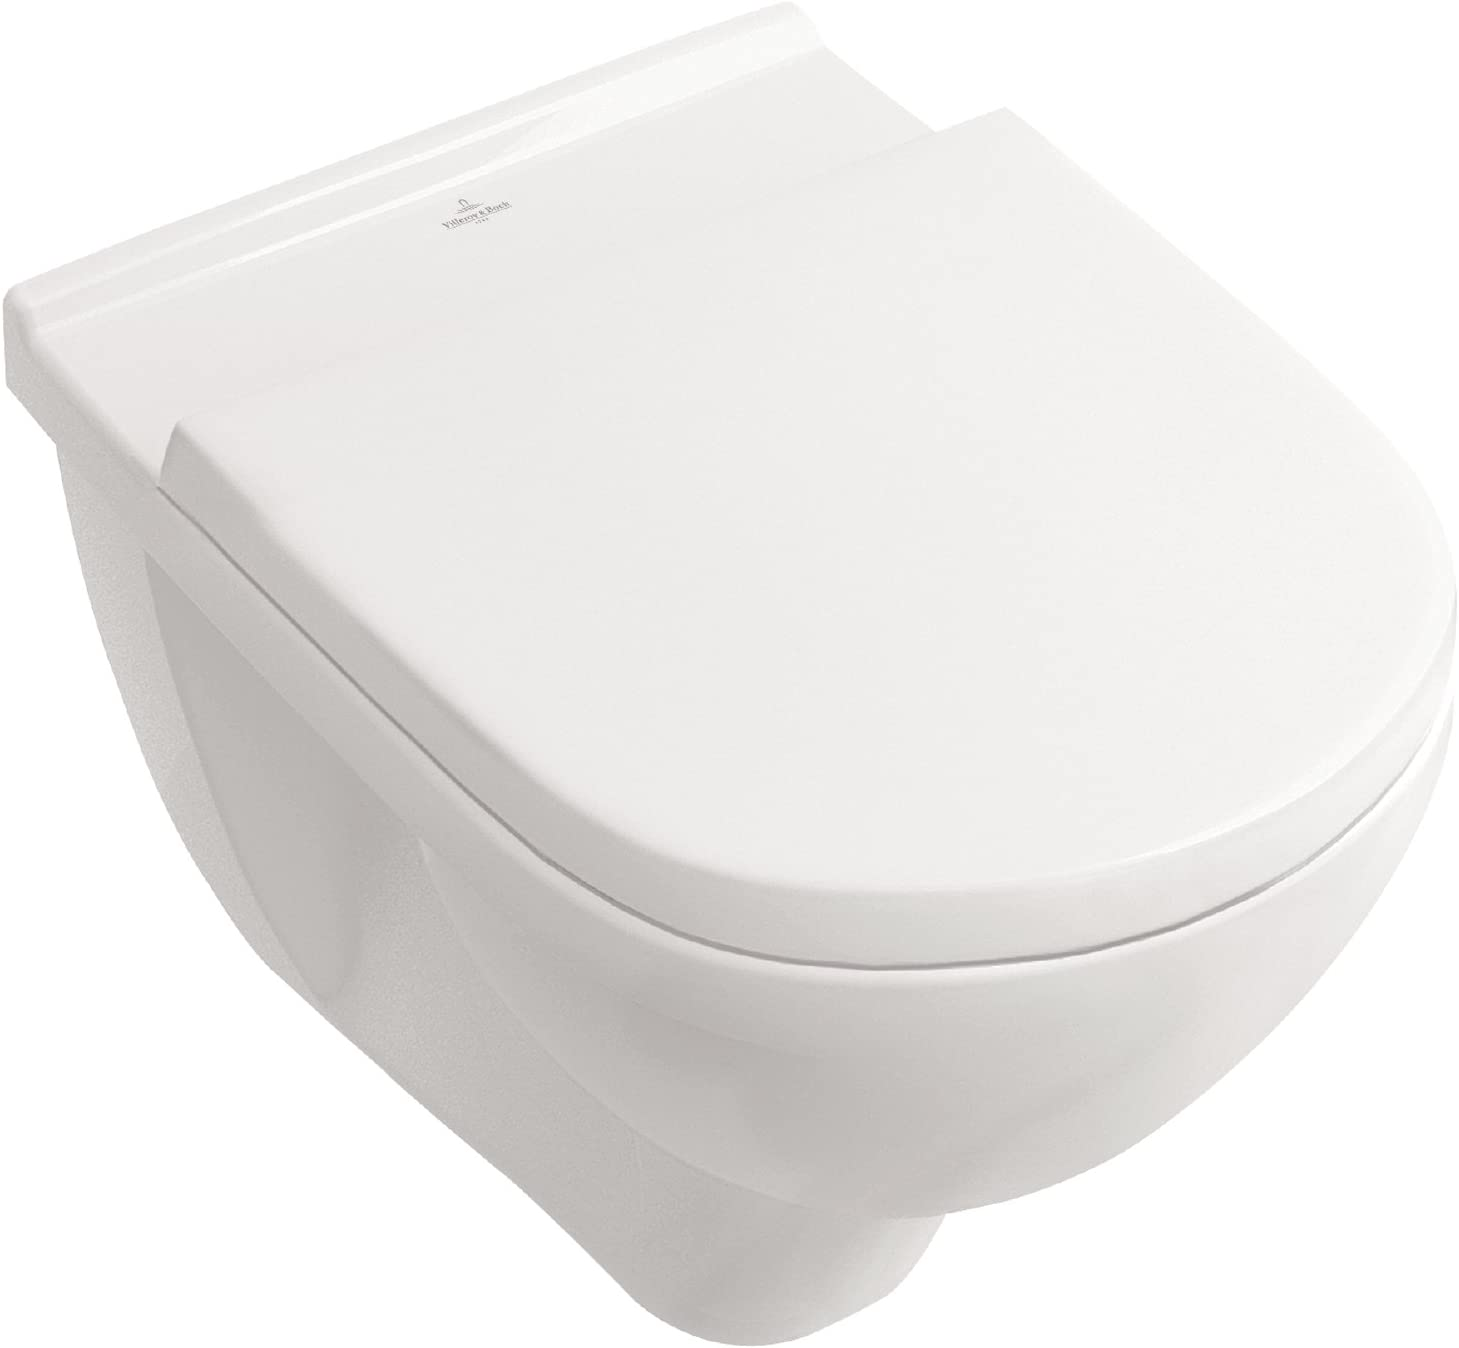 Villeroy & Boch O.novo De una sola pieza Pared inodoro - Sanitario (Blanco, 20 kg): Amazon.es: Bricolaje y herramientas